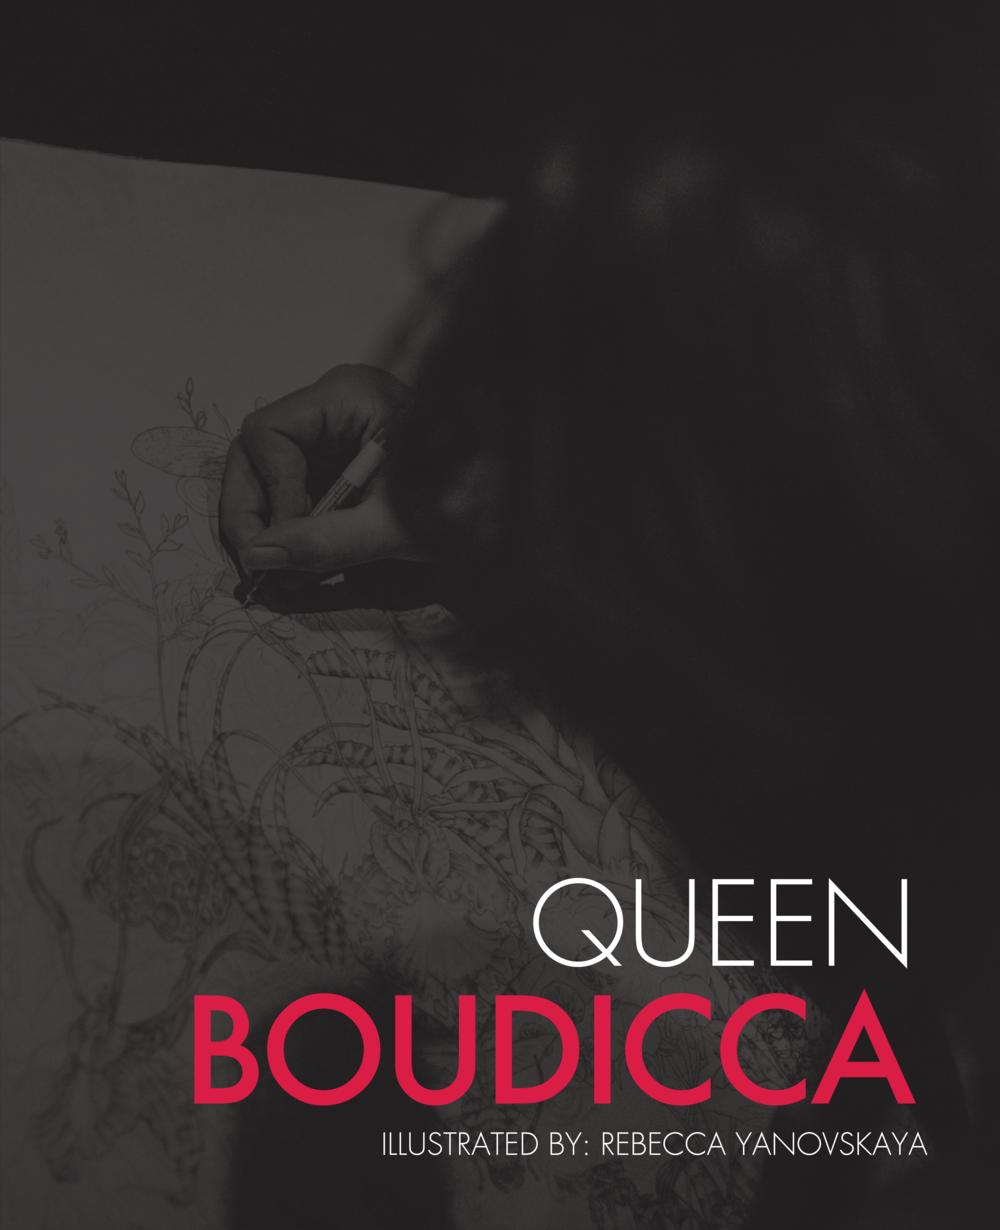 Queen Boudicca